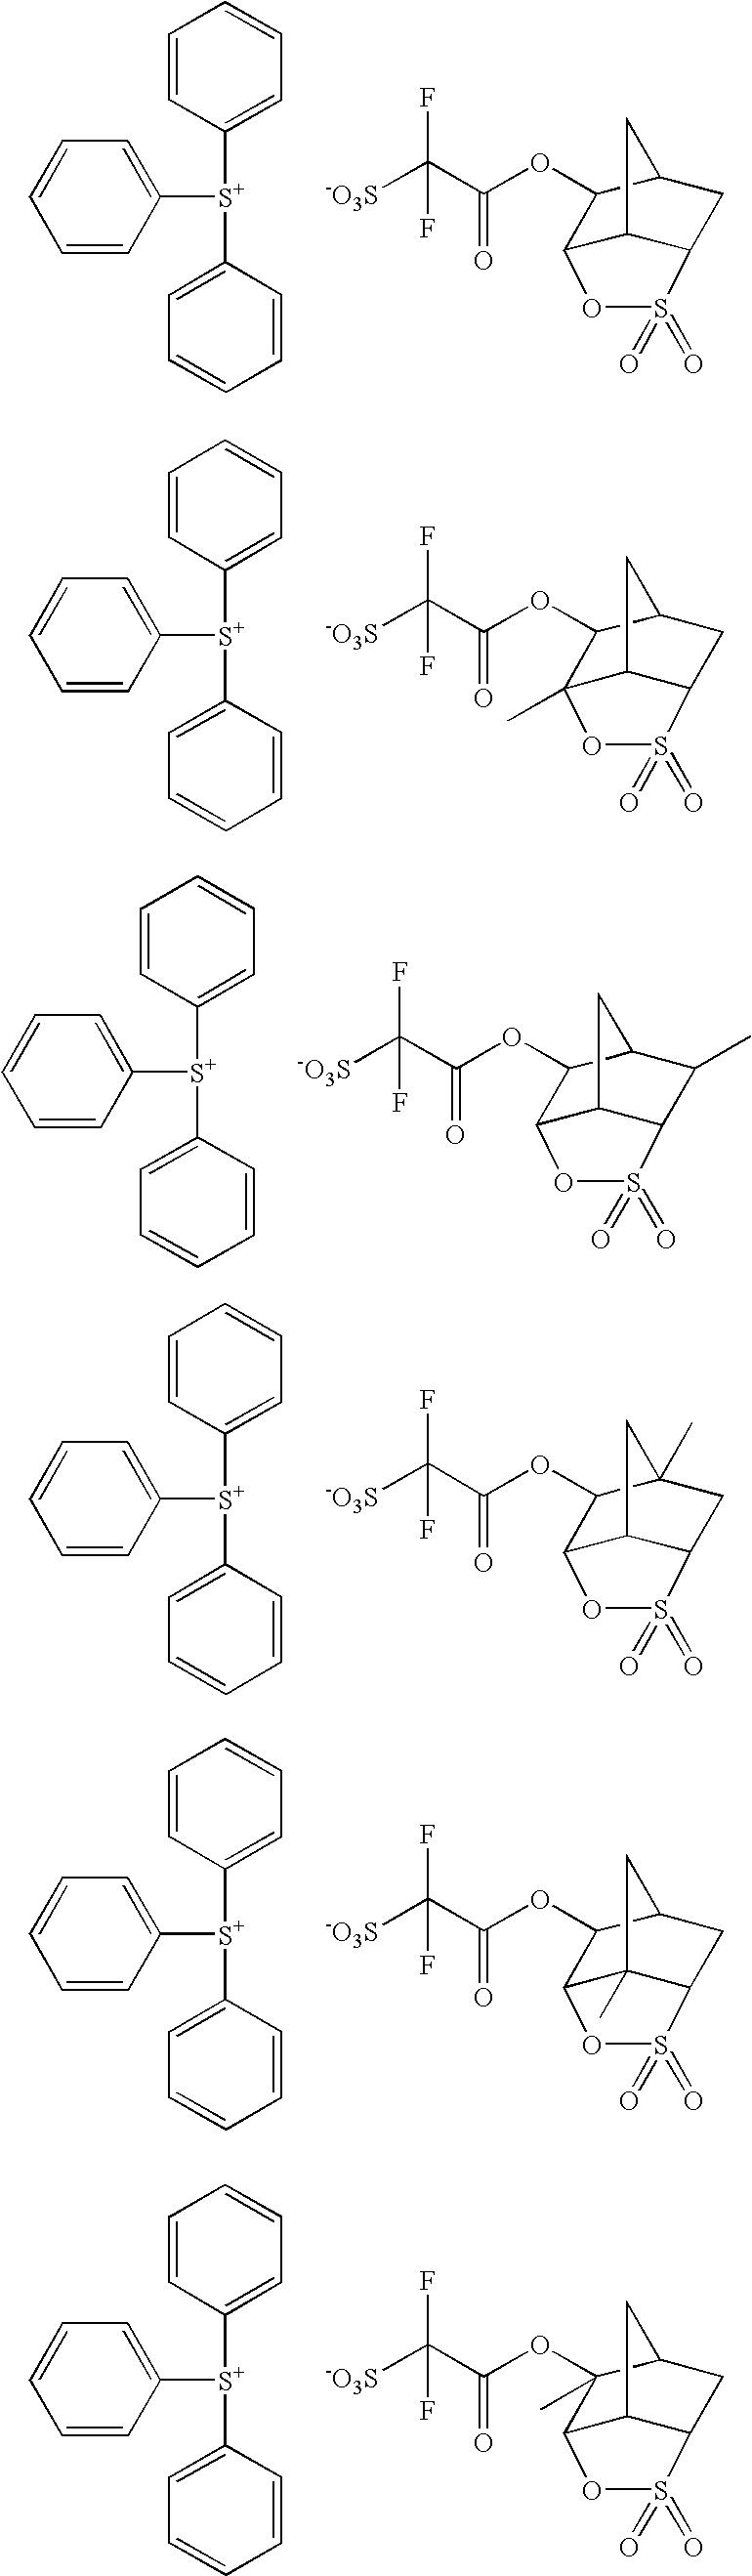 Figure US20100323296A1-20101223-C00151